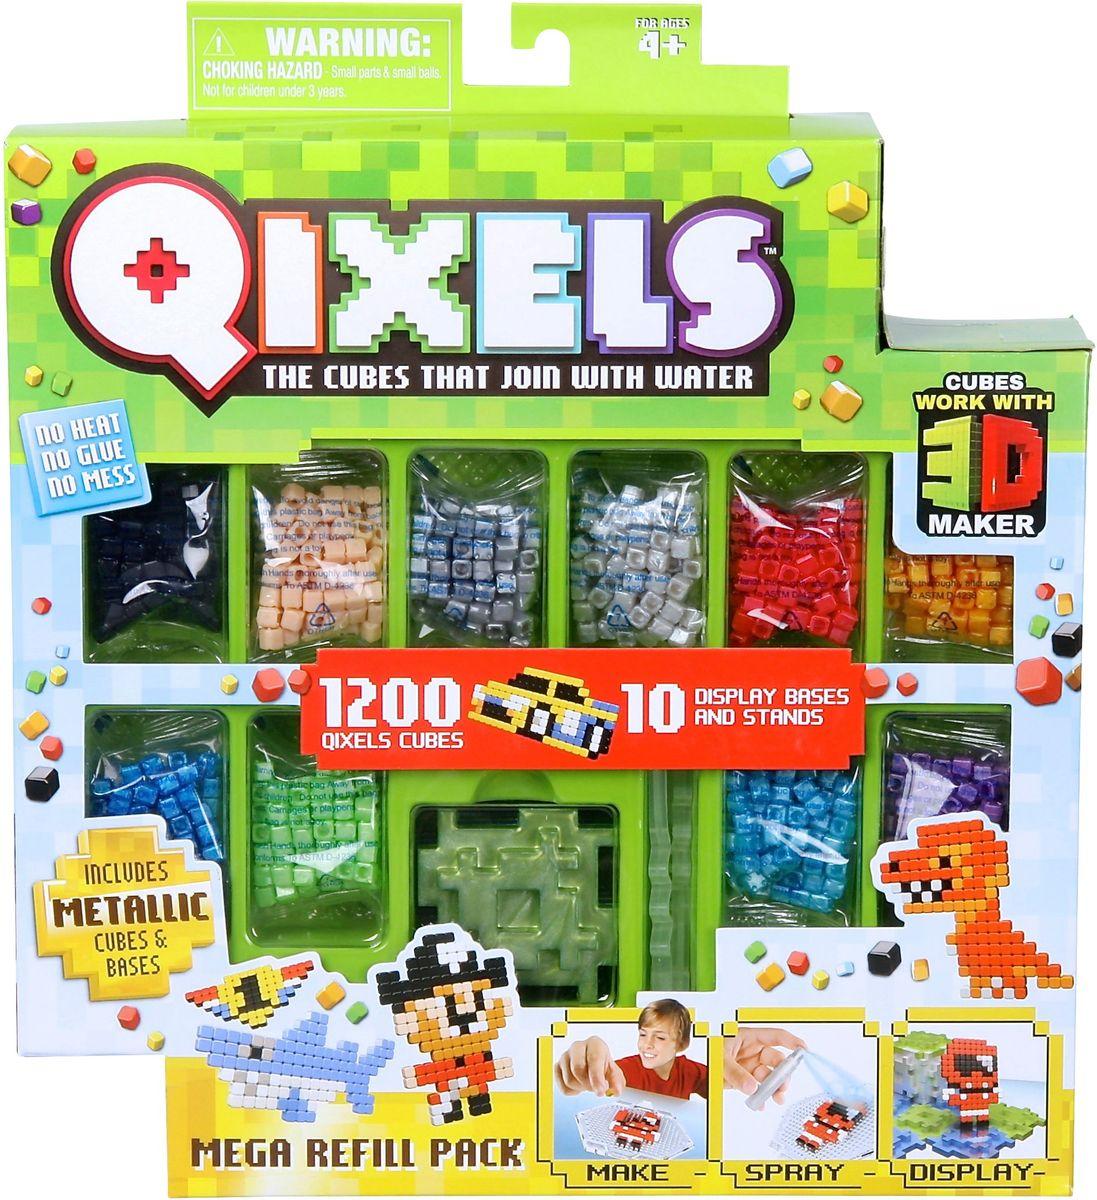 Qixels Дополнительный набор кубиков Qixels дополнительный набор qixels для 3d принтера в ассортименте